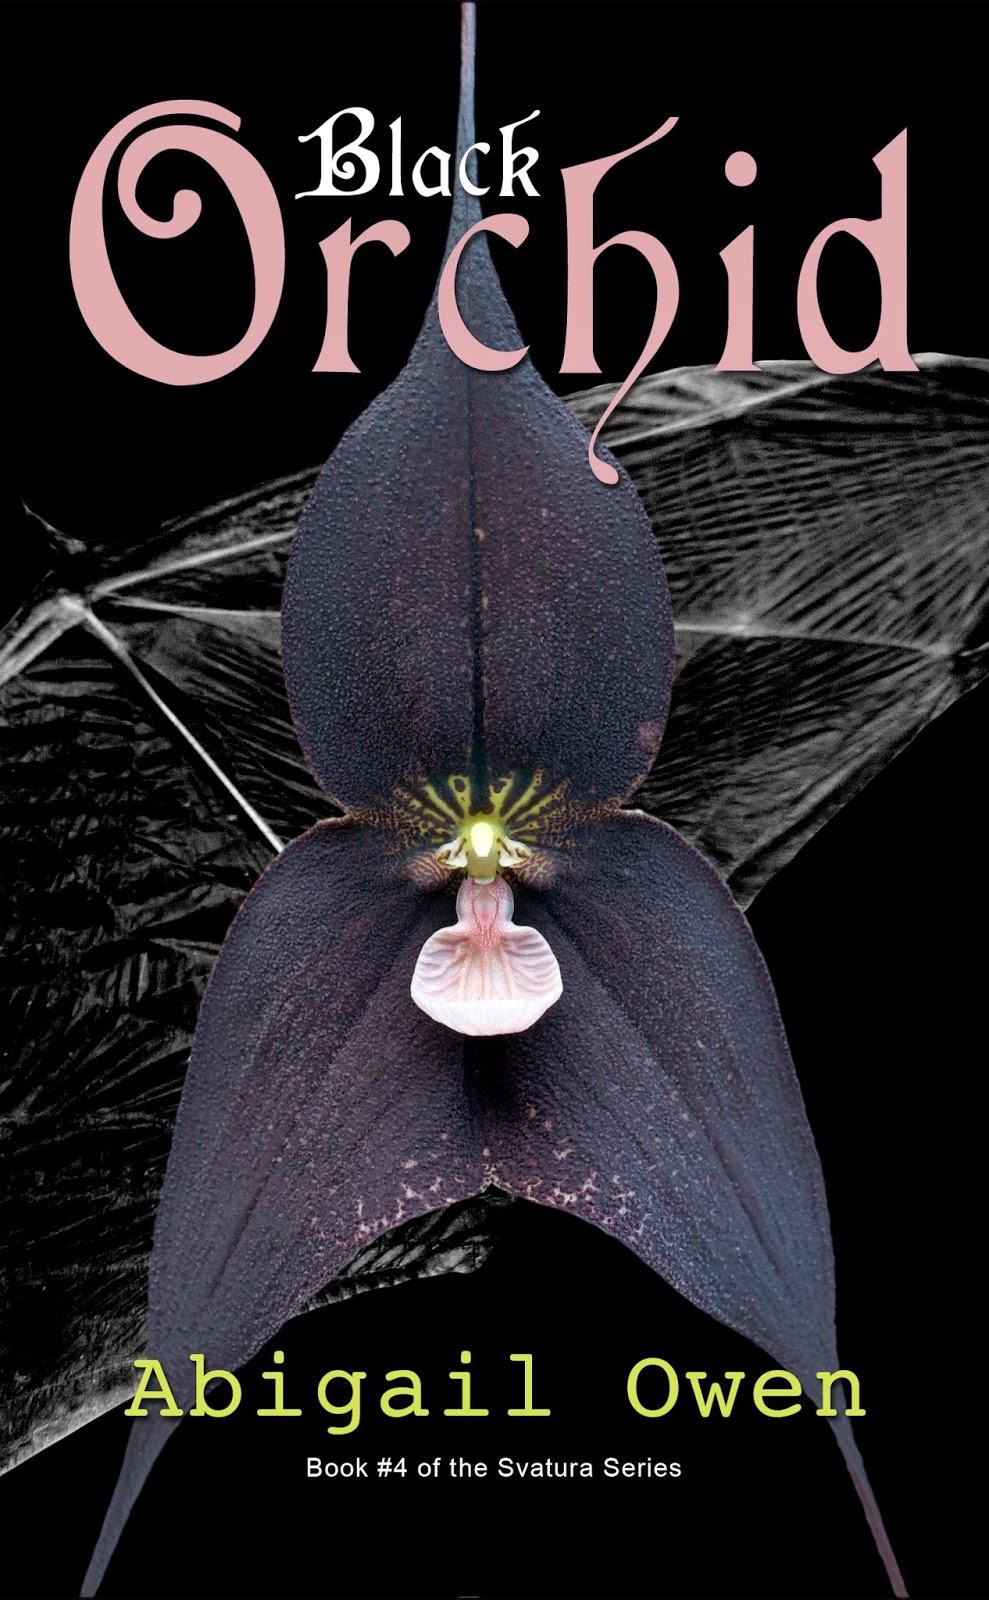 black_orchid_ebook.jpg